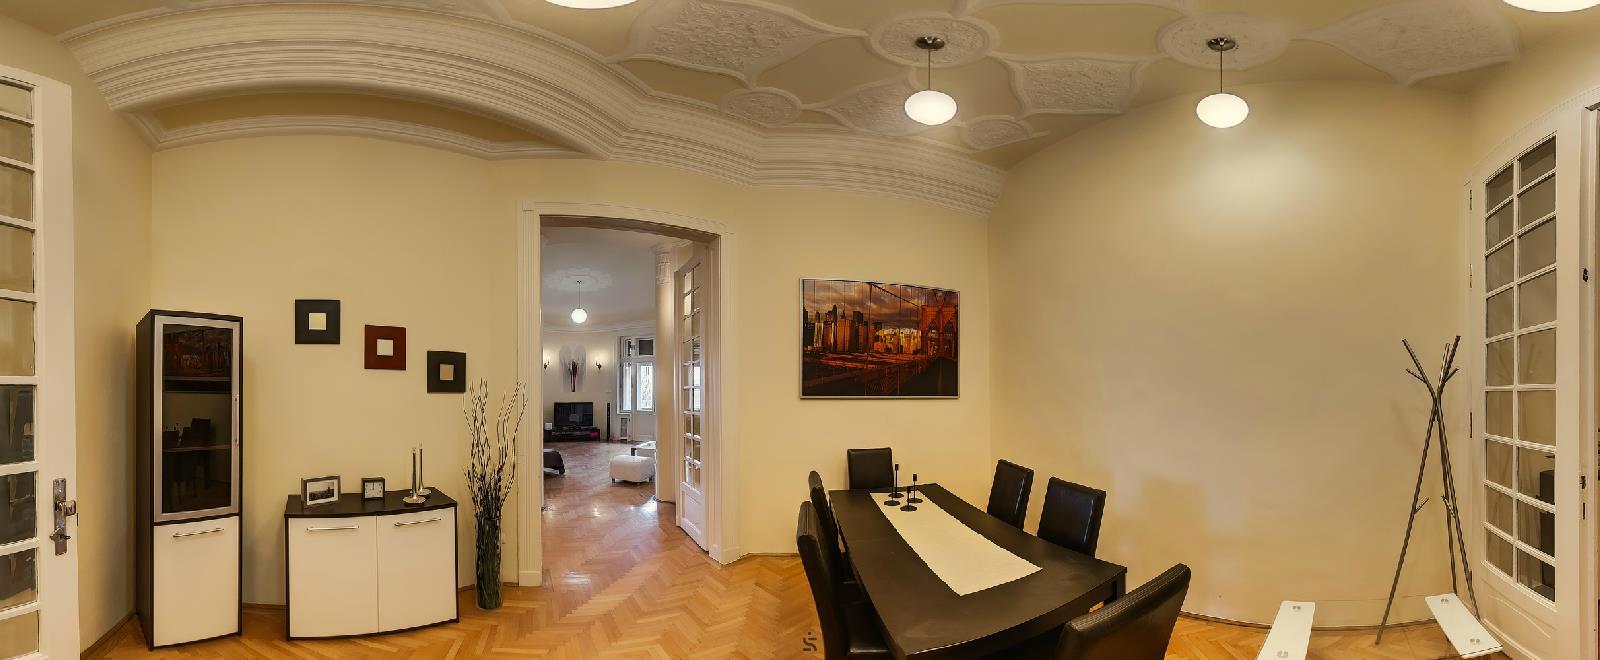 Ingatlanséta - Eladó ingatlan Budapest 05 1823115